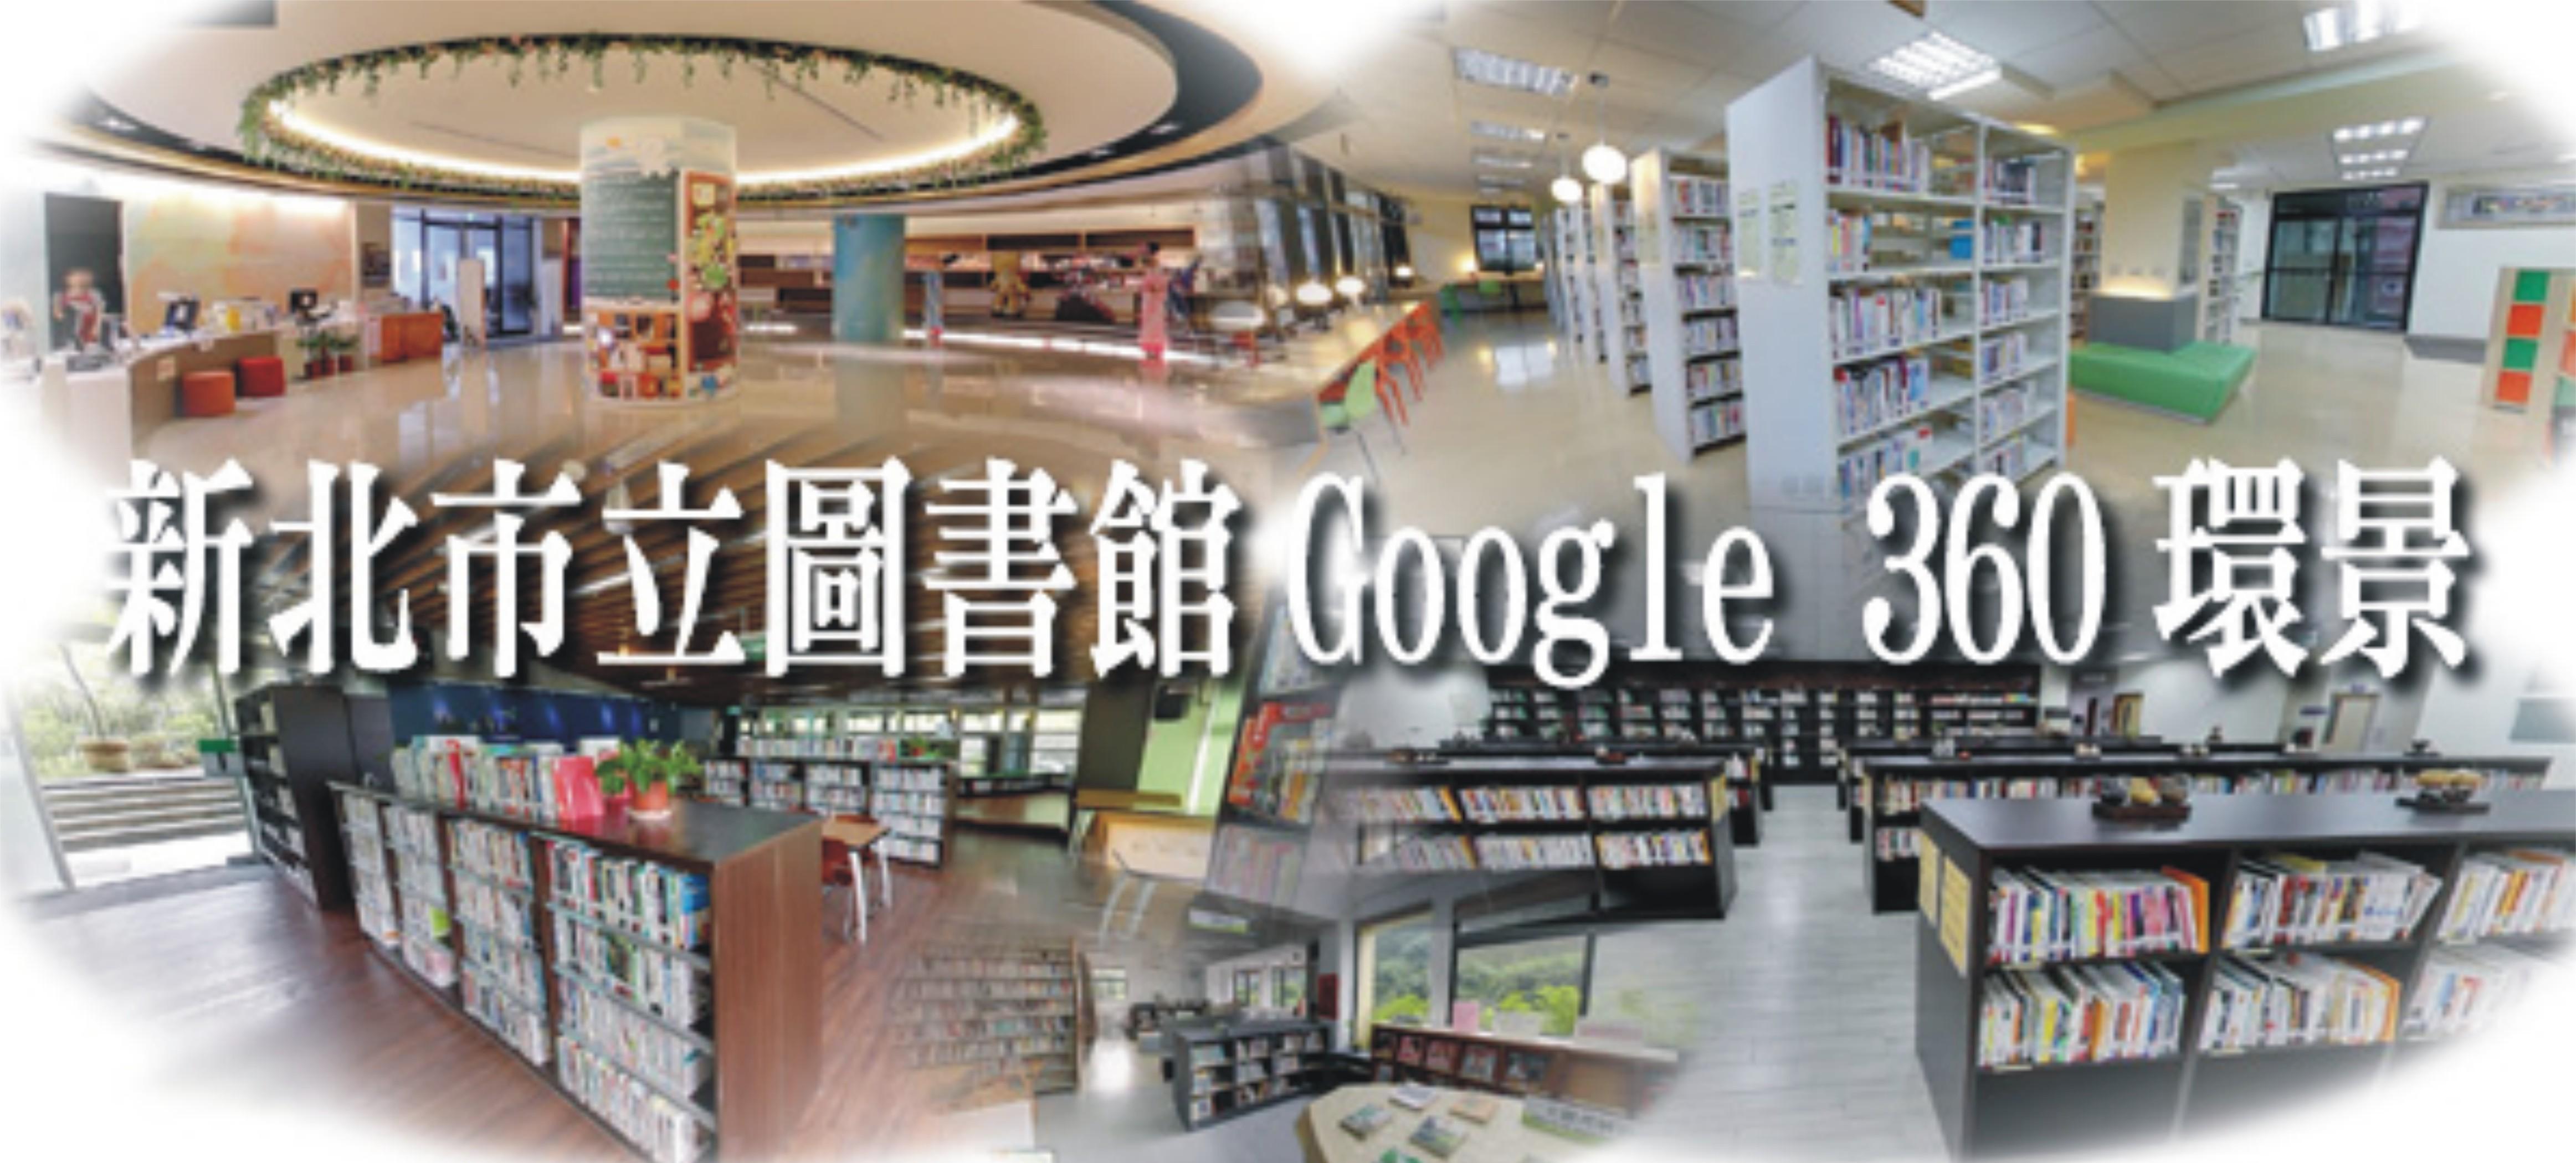 新北市立圖書館Google360環景